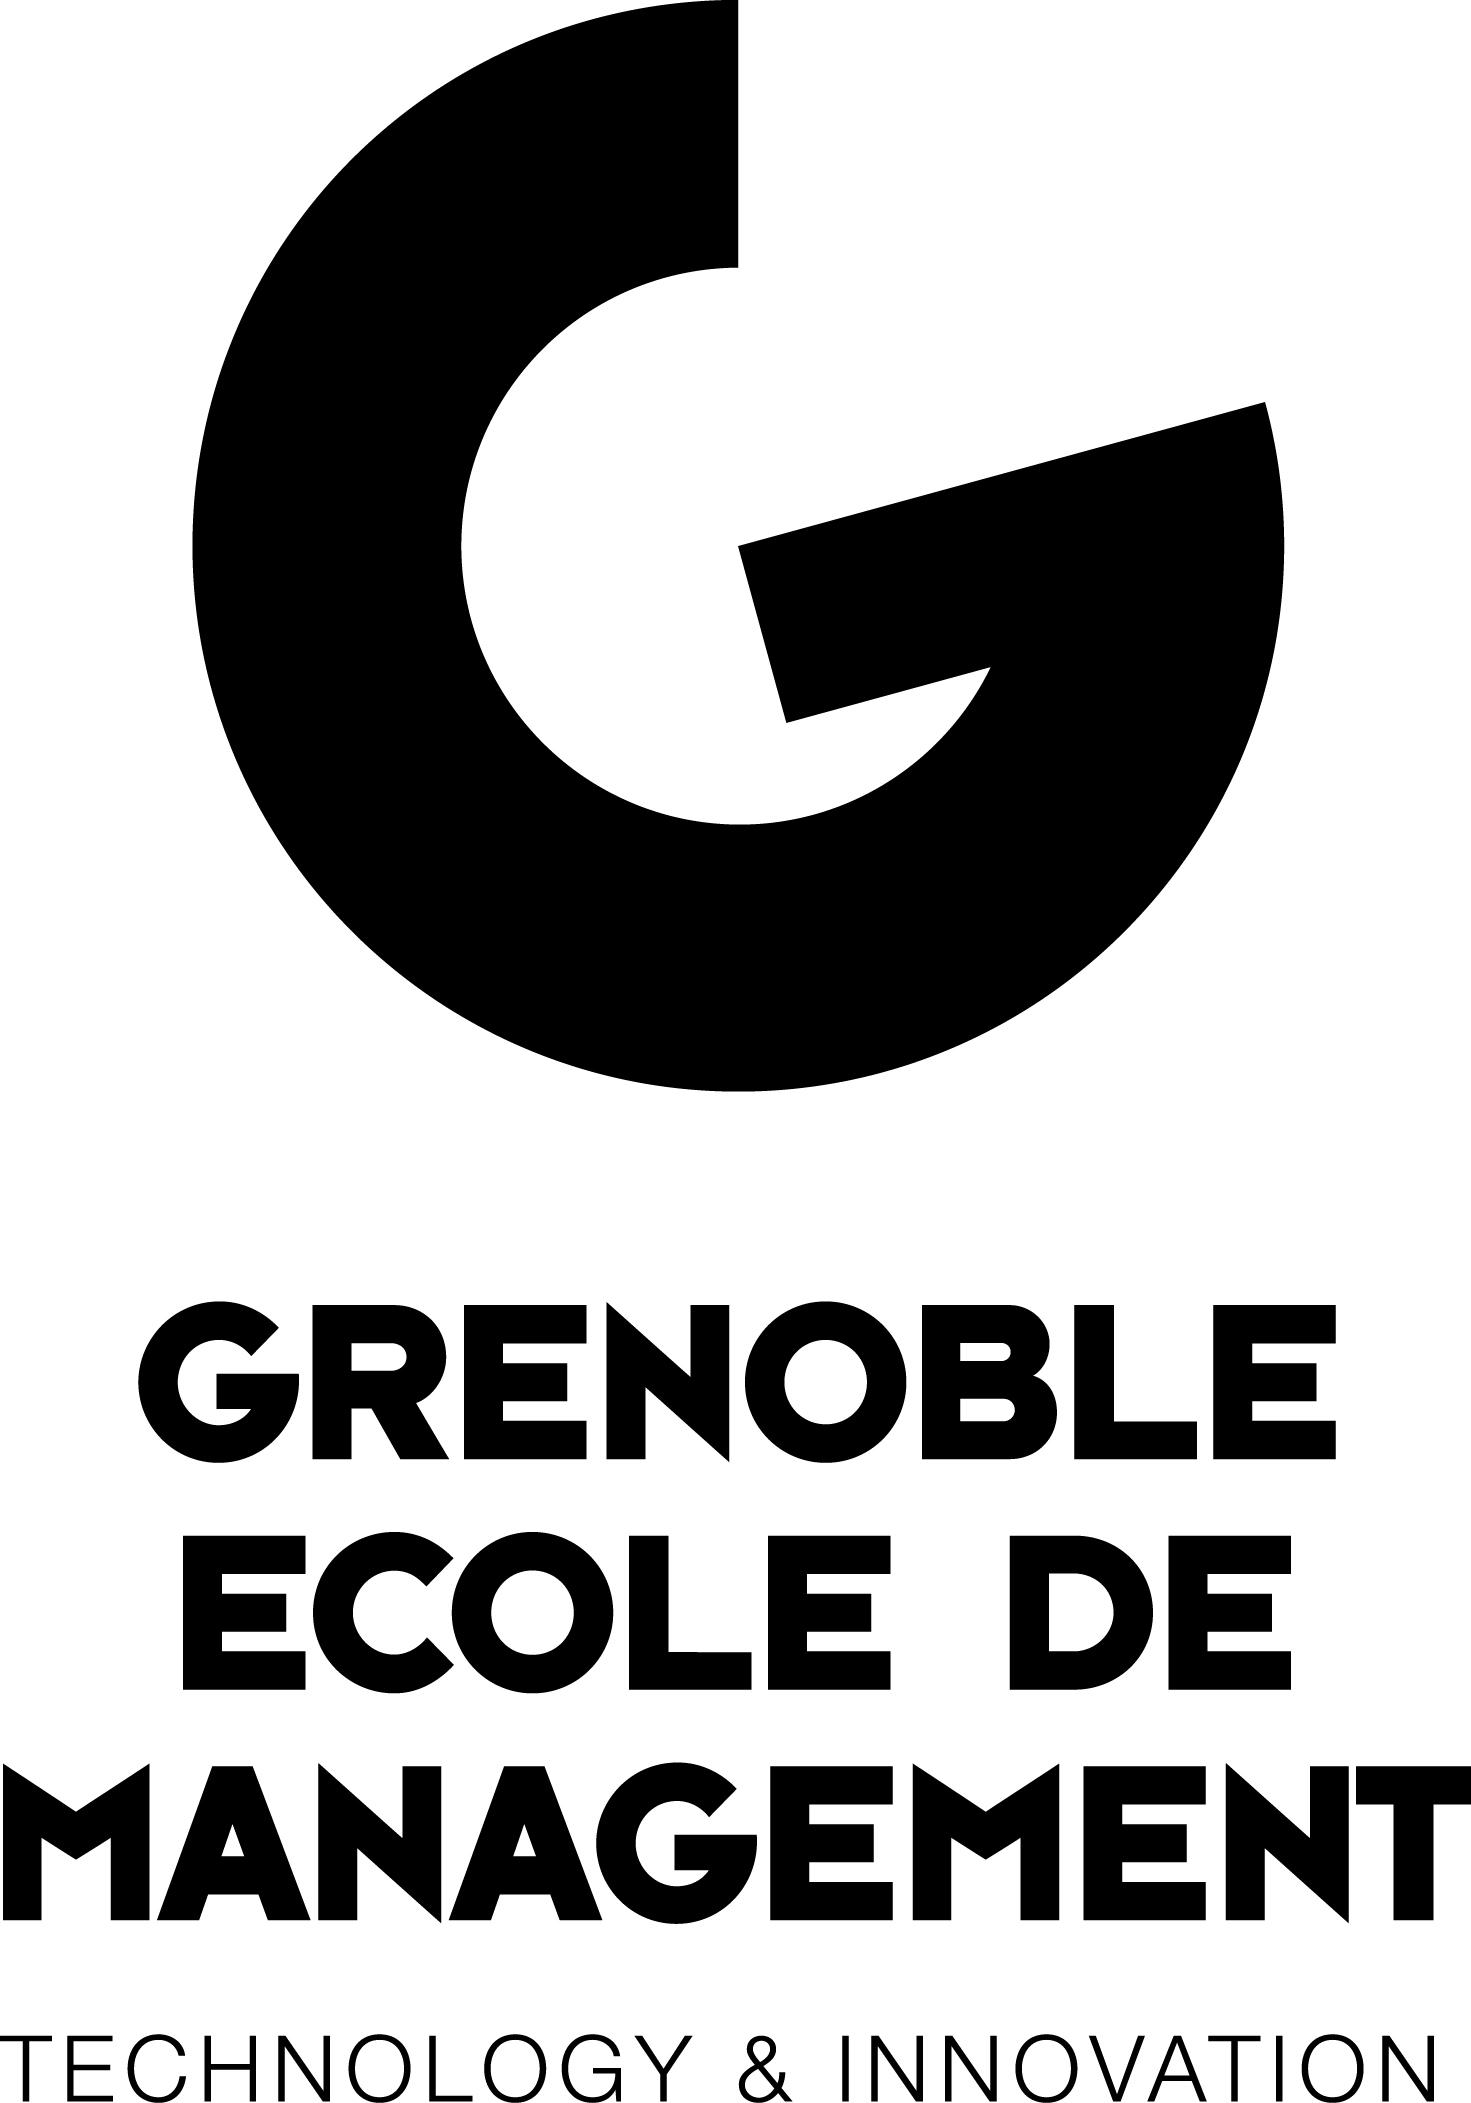 Grenoble ecole de management n 10 au classement ecoles de - Chambre des commerces grenoble ...